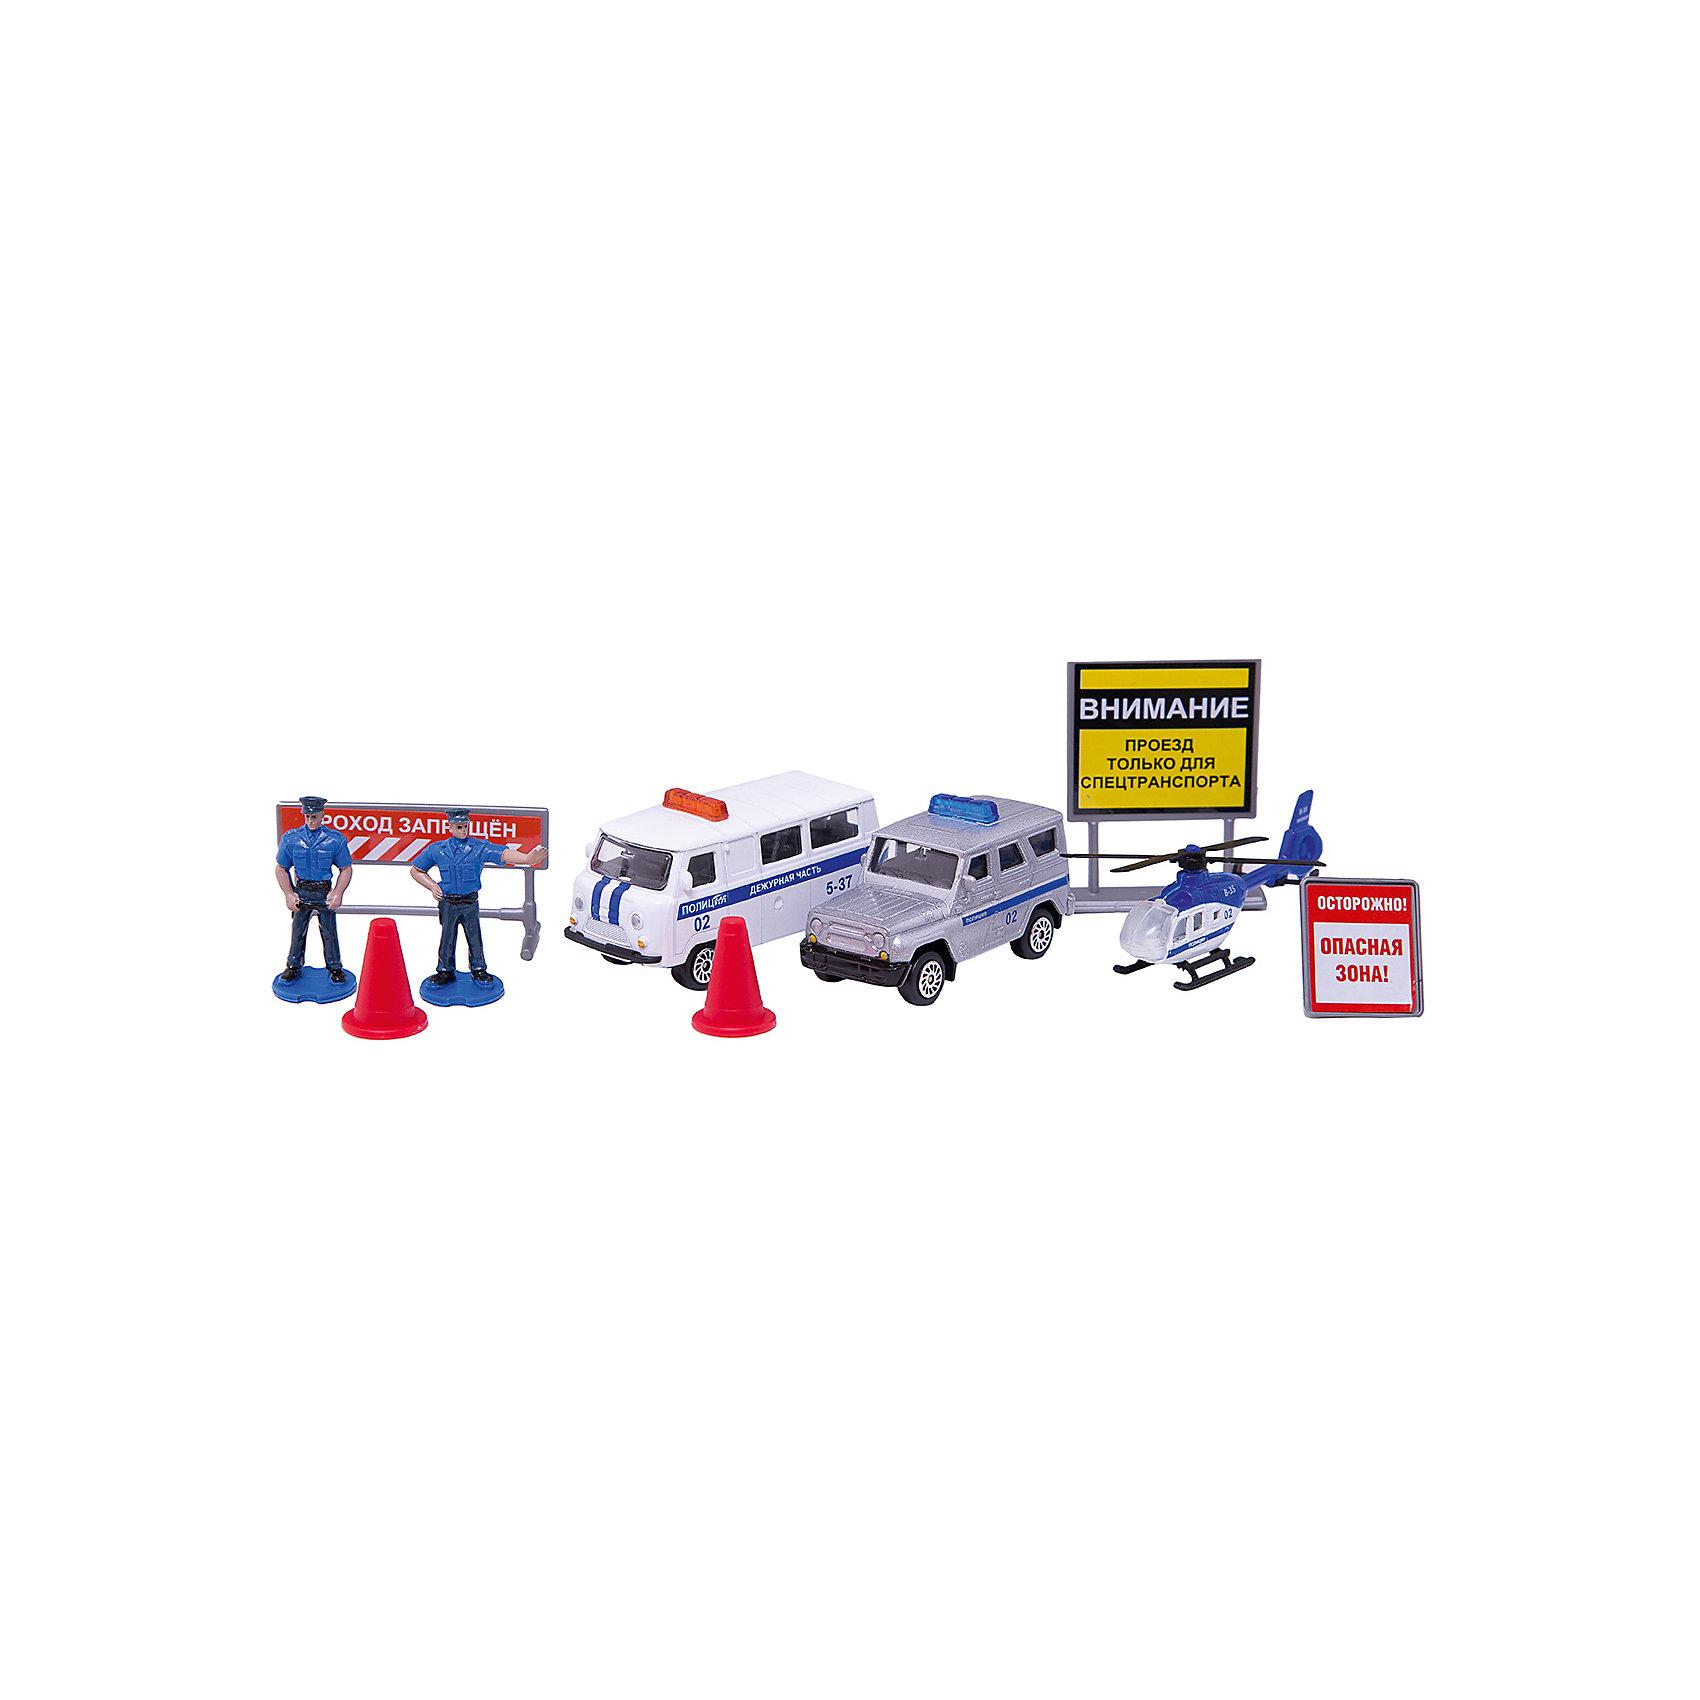 Набор полицейской техники УАЗ, с аксессуарами, 1:72, металл,ТЕХНОПАРККоллекционные модели<br>Набор полицейской техники УАЗ, с аксессуарами, 1:72, металл, ТехноПарк – этот набор отлично подойдет для маленьких любителей техники.<br>Набор полицейской техники УАЗ, с аксессуарами включает вертолет, 2 полицейские машинки, 2 фигурки полицейских, 3 предупреждающих знака и два дорожных конуса. Корпусы вертолета и машинок выполнены из металла с элементами из пластика. Винт вертолета и колеса машинок крутятся. Набор наиболее реалистично создает представления о работе полиции. Ваш ребенок будет часами играть с набором, придумывая различные истории. Порадуйте своего малыша таким замечательным подарком!<br><br>Дополнительная информация:<br><br>- В наборе: вертолет, 2 машинки, 2 фигурки, 3 знака, 2 конуса<br>- Масштаб: 1:72<br>- Материал: металл, пластик<br>- Длина машинок: 7,5 и 6,5 см.<br>- Длина вертолета: 8 см.<br>- Высота фигурок: 4 см.<br>- Размер упаковки: 26 x 18 x 4 см.<br><br>Набор полицейской техники УАЗ, с аксессуарами, 1:72, металл, ТехноПарк можно купить в нашем интернет-магазине.<br><br>Ширина мм: 500<br>Глубина мм: 460<br>Высота мм: 370<br>Вес г: 230<br>Возраст от месяцев: 36<br>Возраст до месяцев: 192<br>Пол: Мужской<br>Возраст: Детский<br>SKU: 4185322